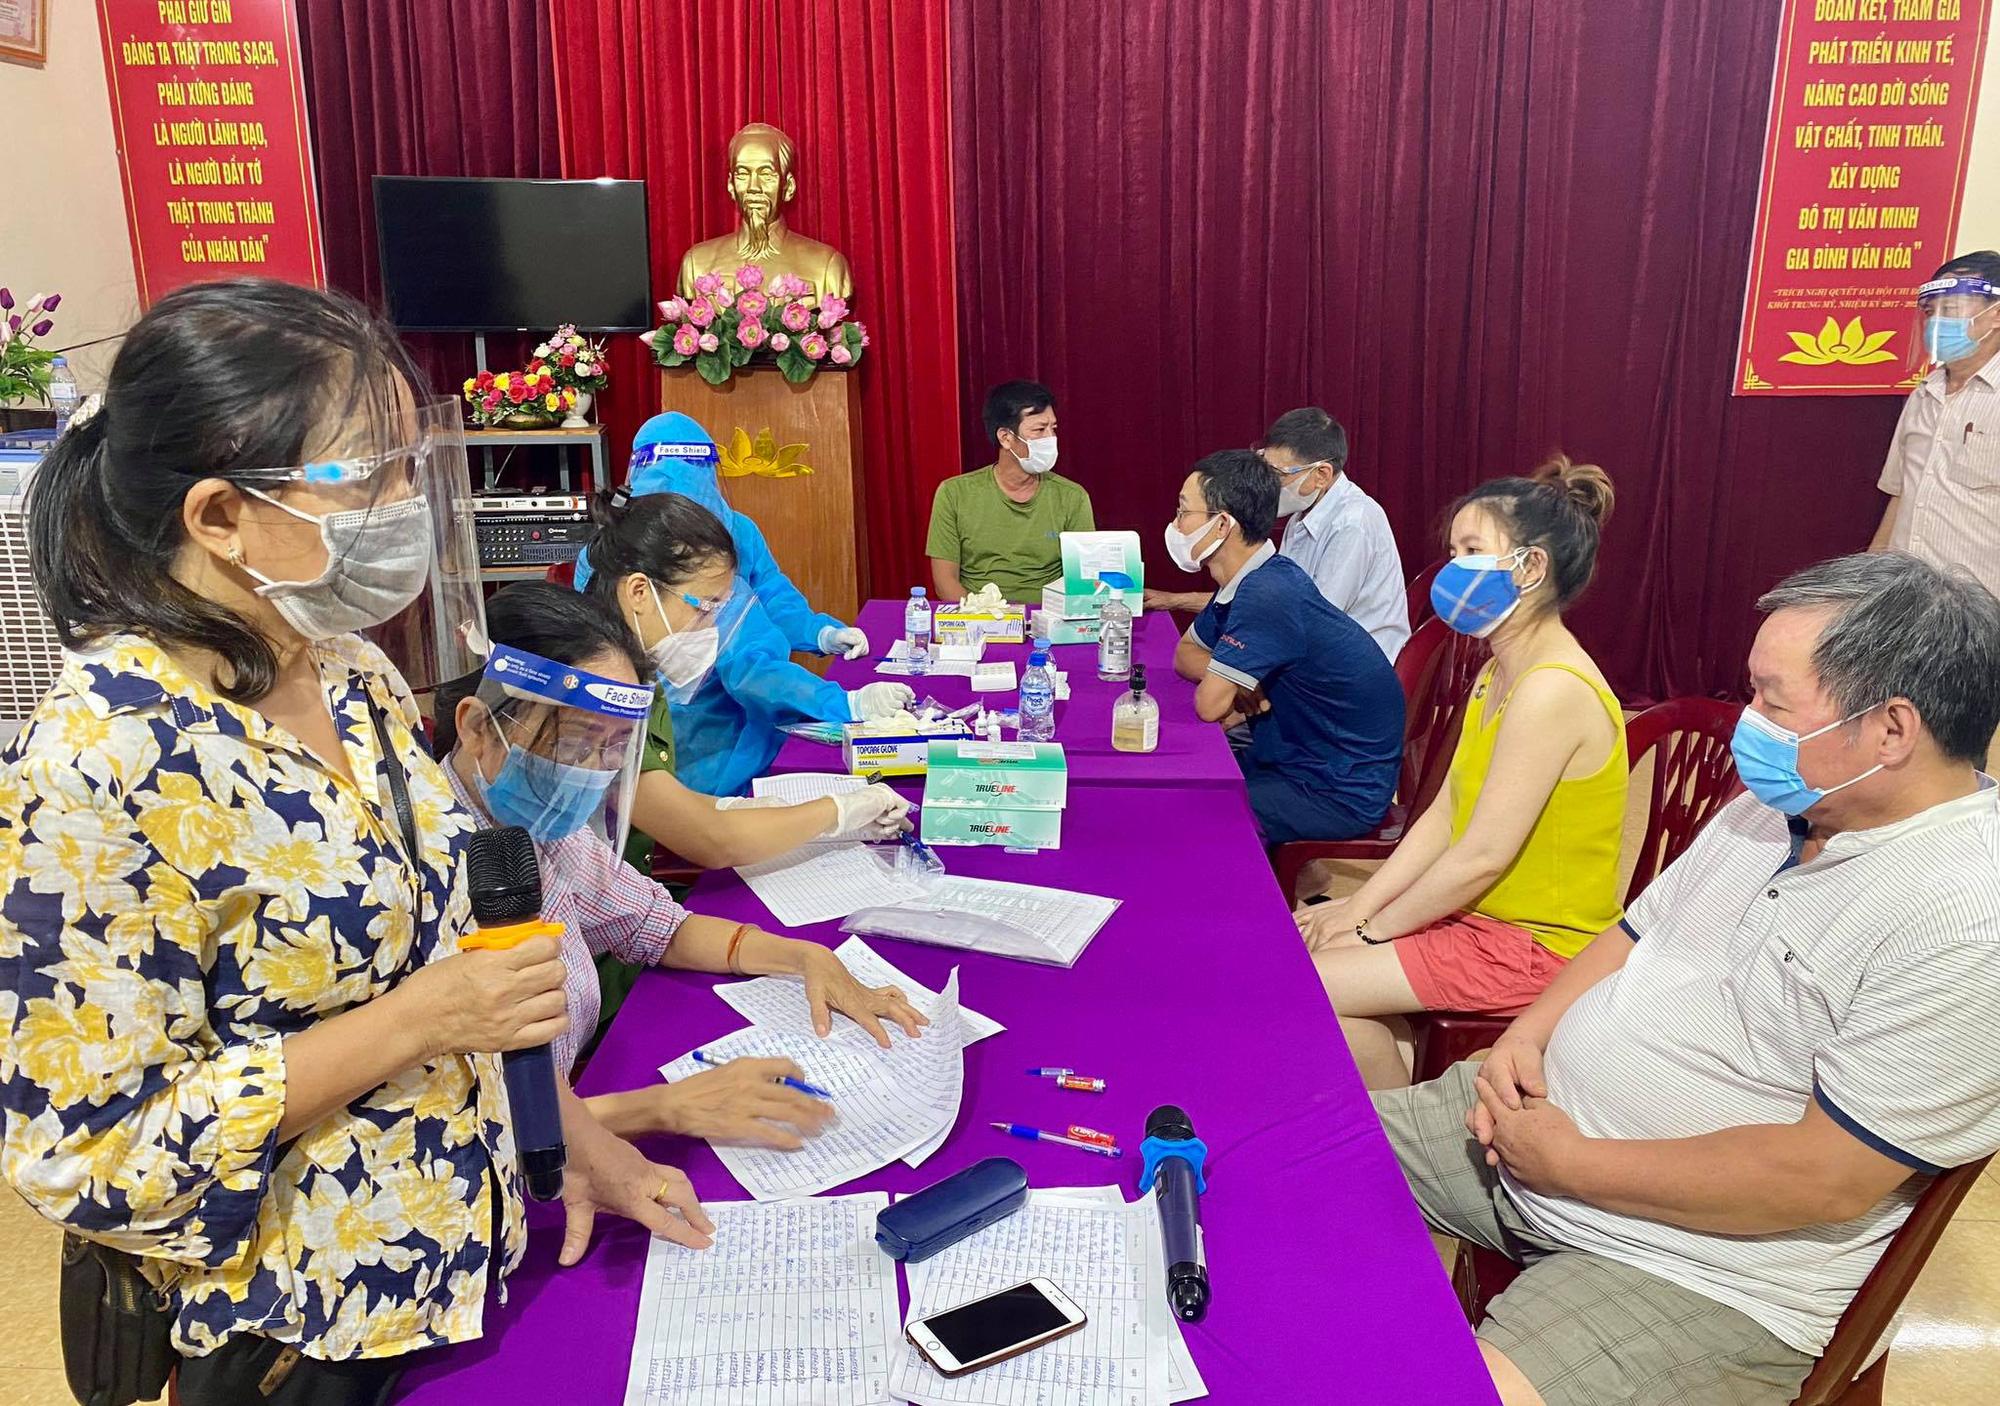 Nghệ An: Cận cảnh nhân viên y tế trắng đêm xét nghiệm cho nửa triệu dân TP. Vinh   - Ảnh 4.